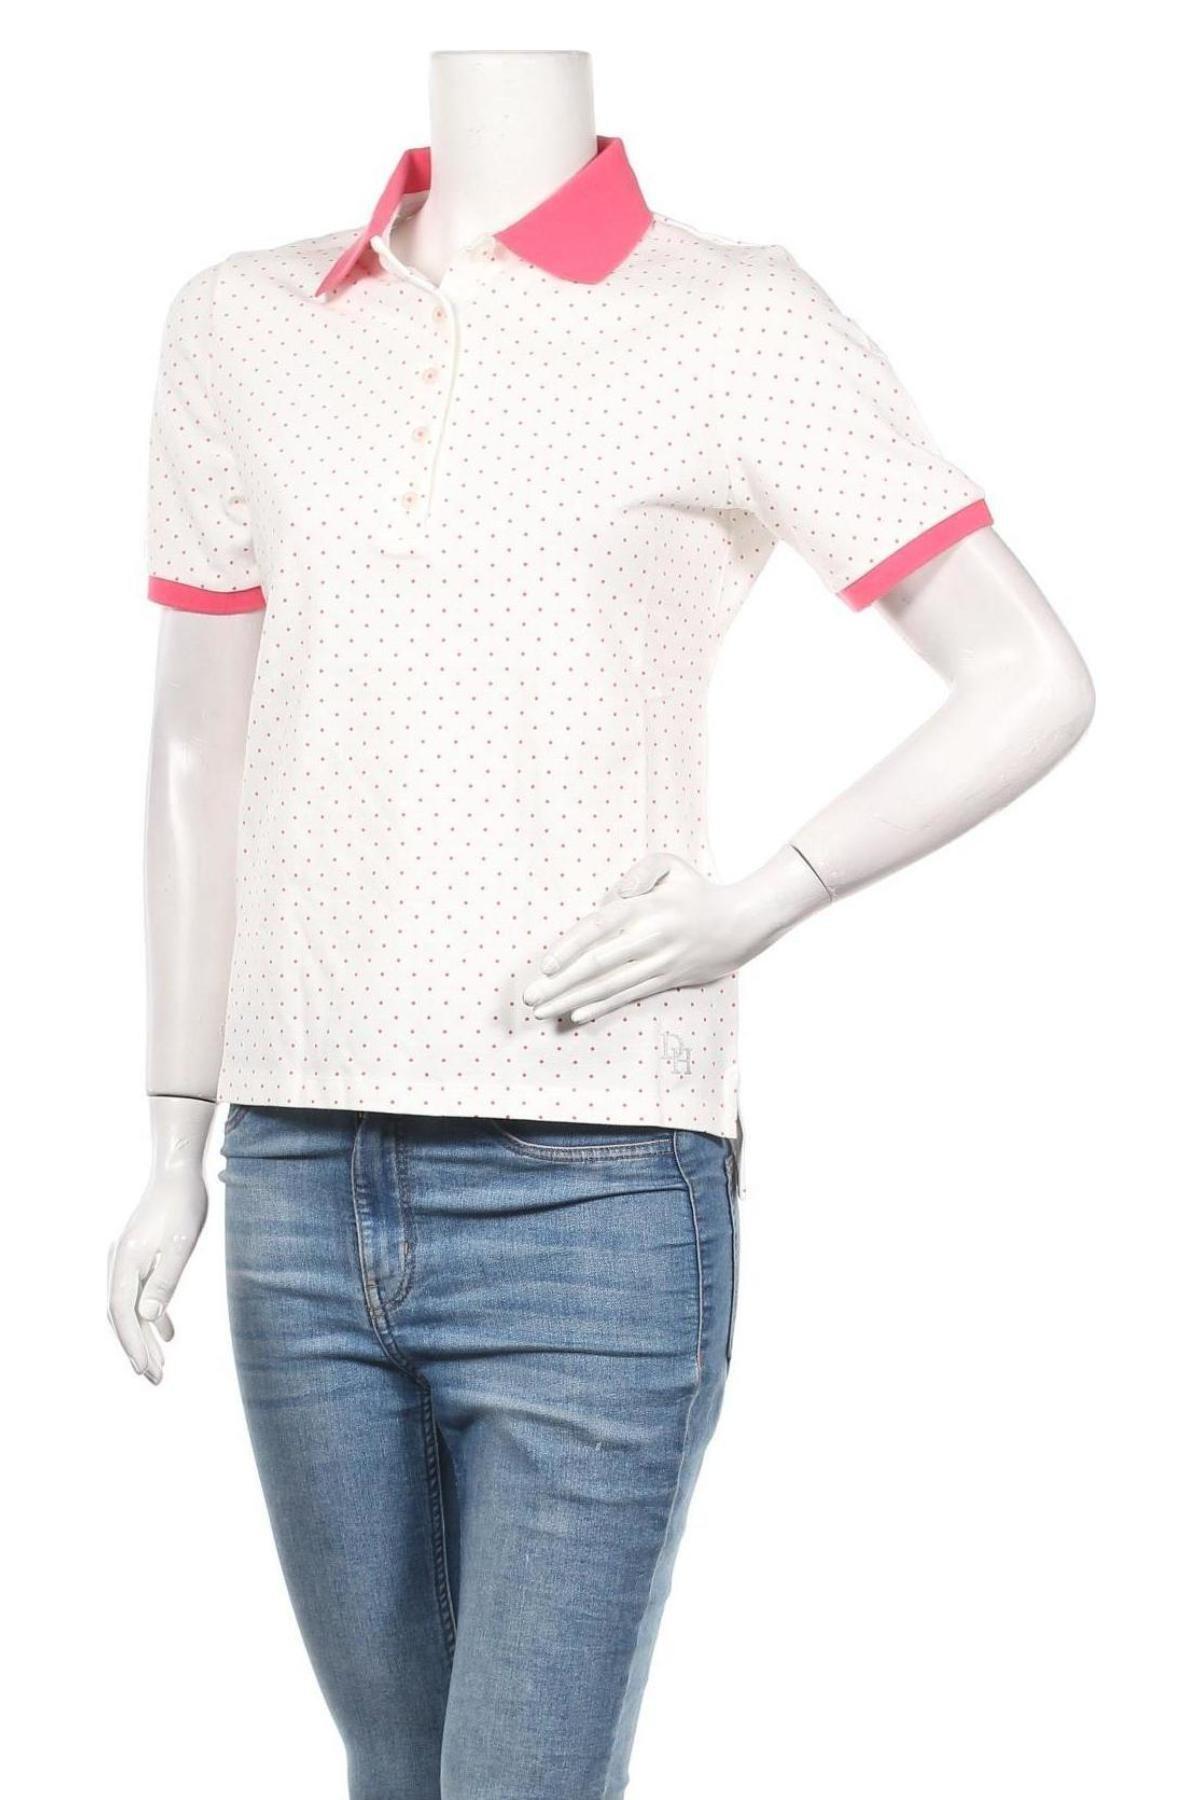 Дамска тениска Daniel Hechter, Размер S, Цвят Бял, 95% памук, 5% еластан, Цена 38,40лв.